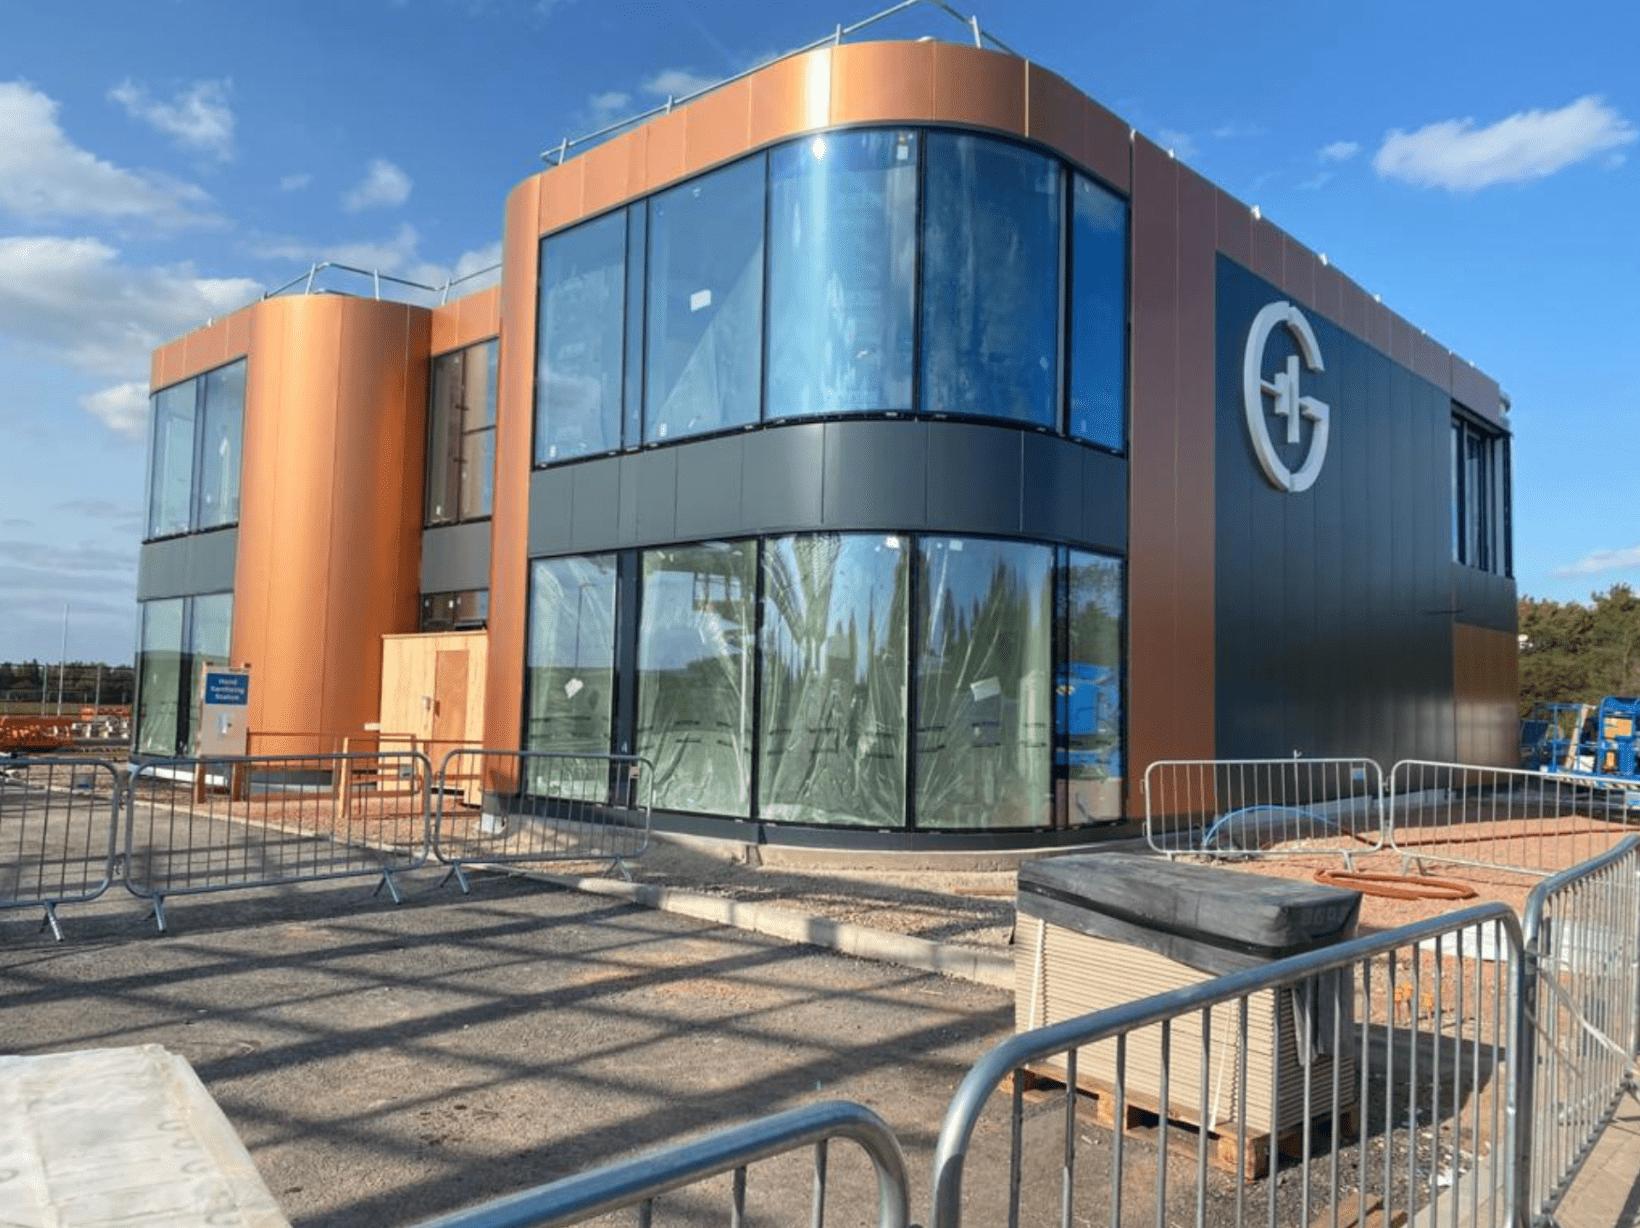 Gridserve, ev, services, uk